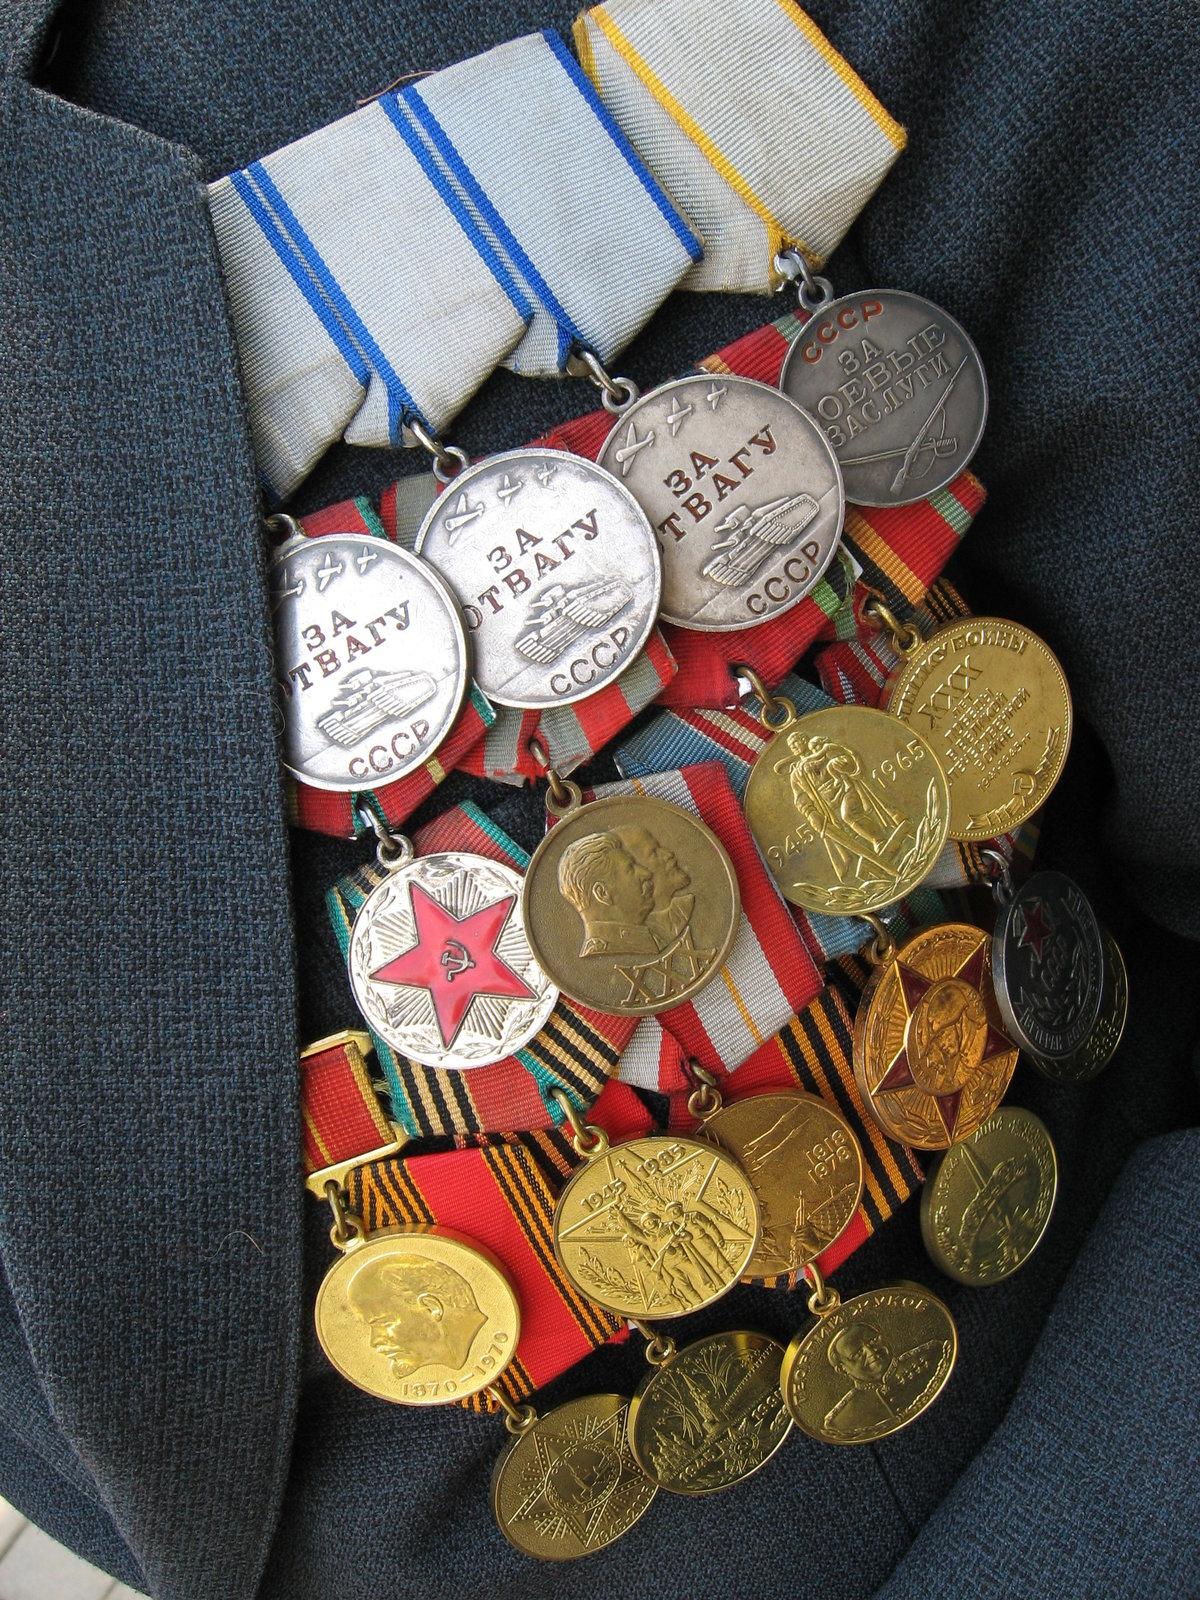 яхты, уникальный картинки с медалями и наградами продолжаем